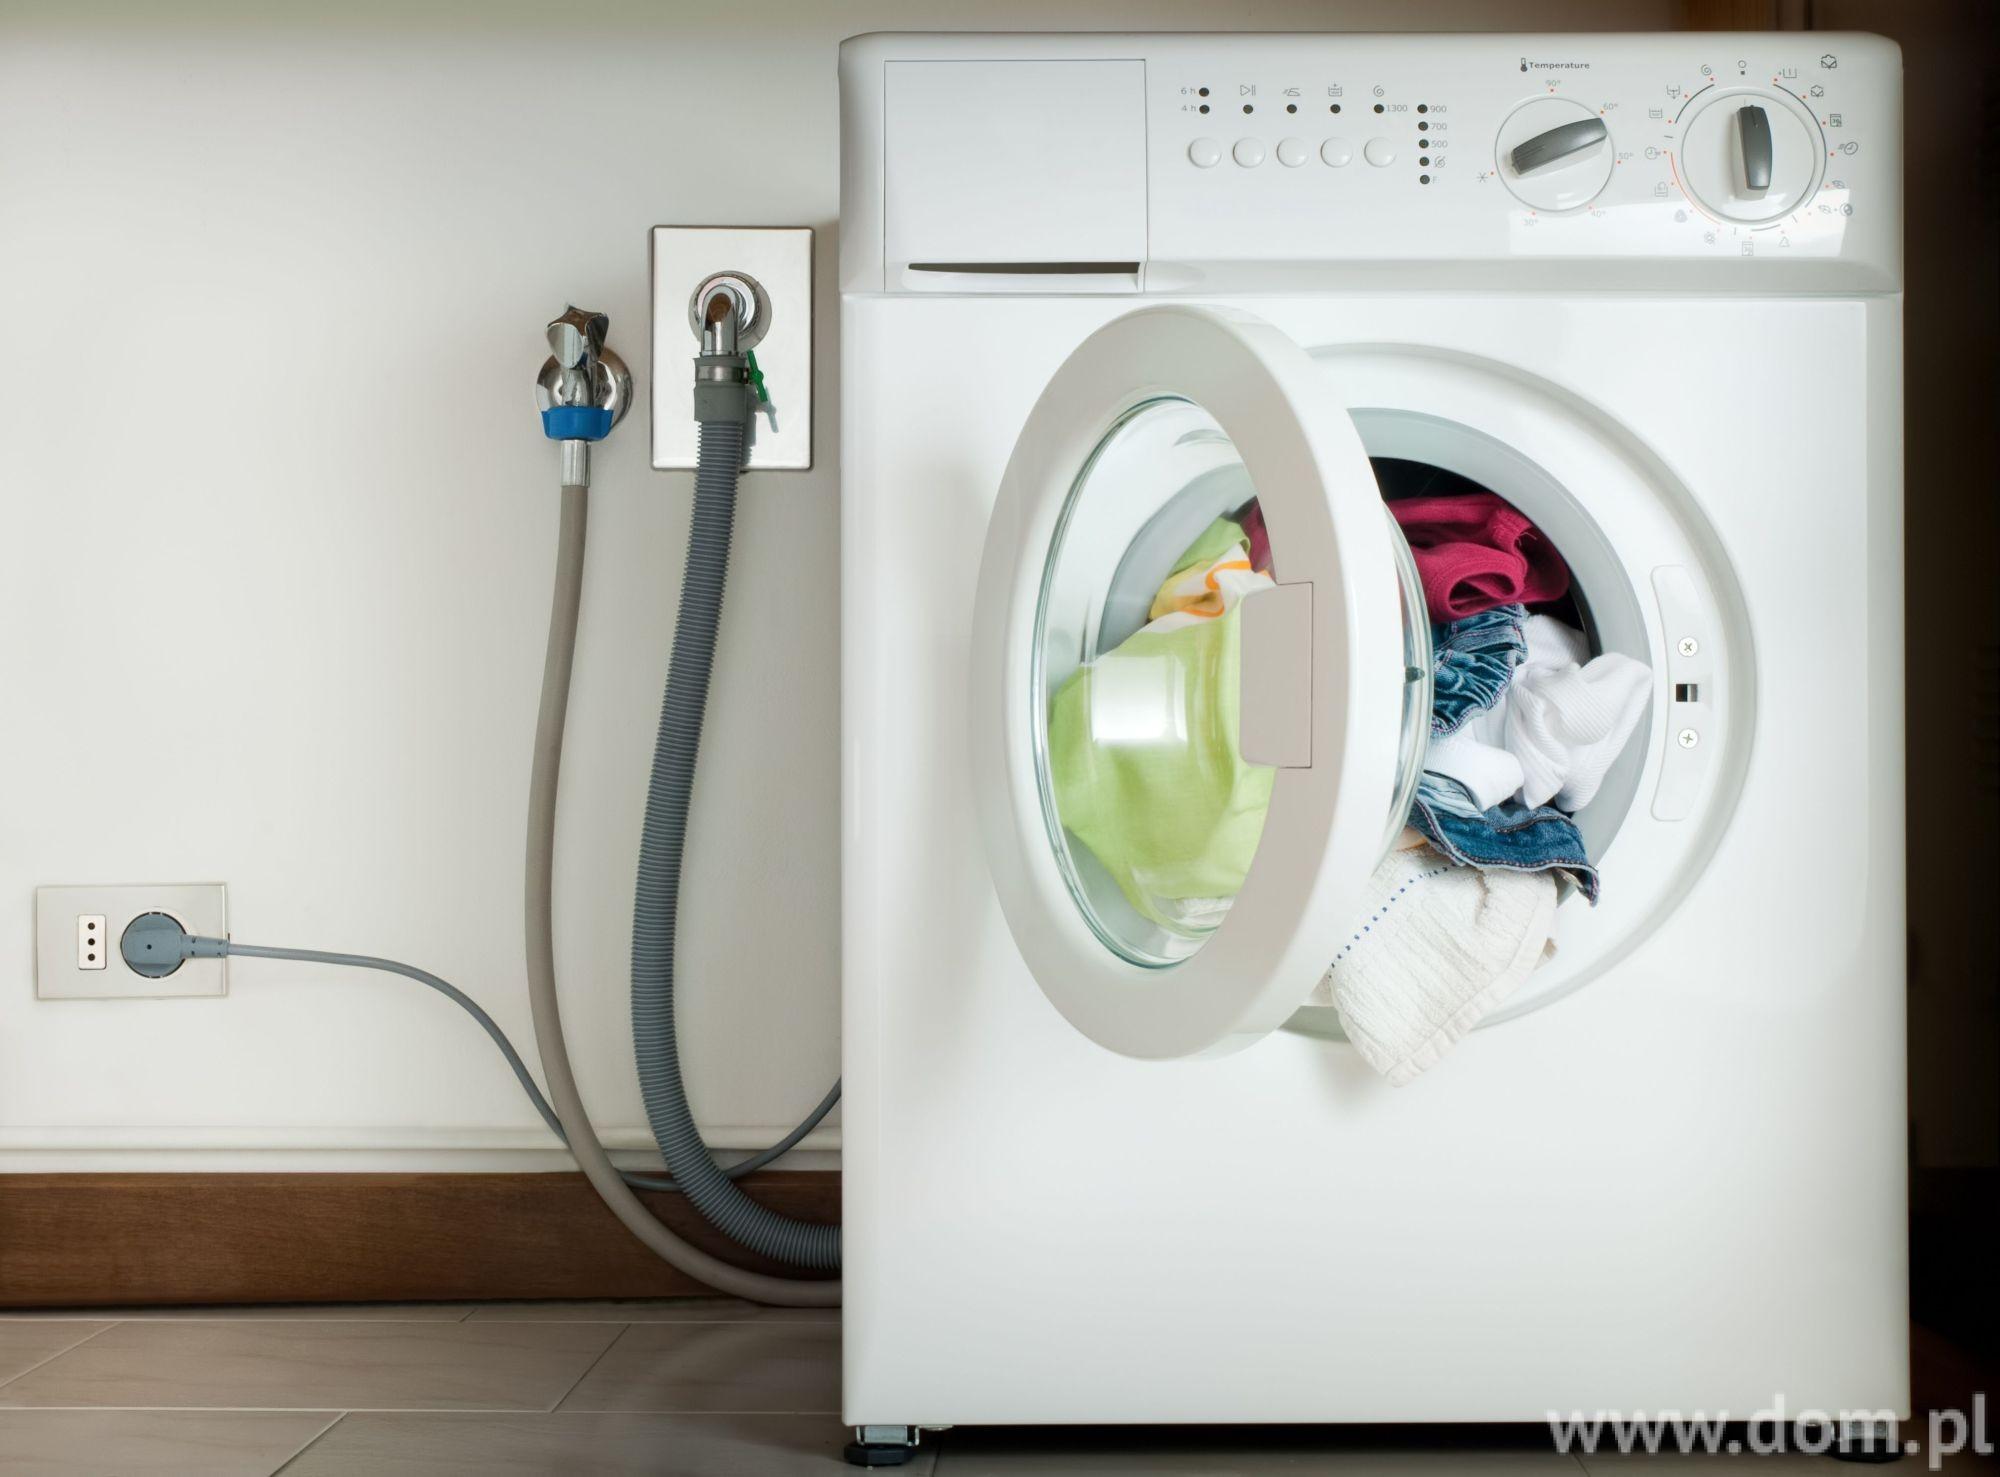 Бытовая ТЕХНИКА: 5 вещей, которые нужно знать перед покупкой стиральной машины